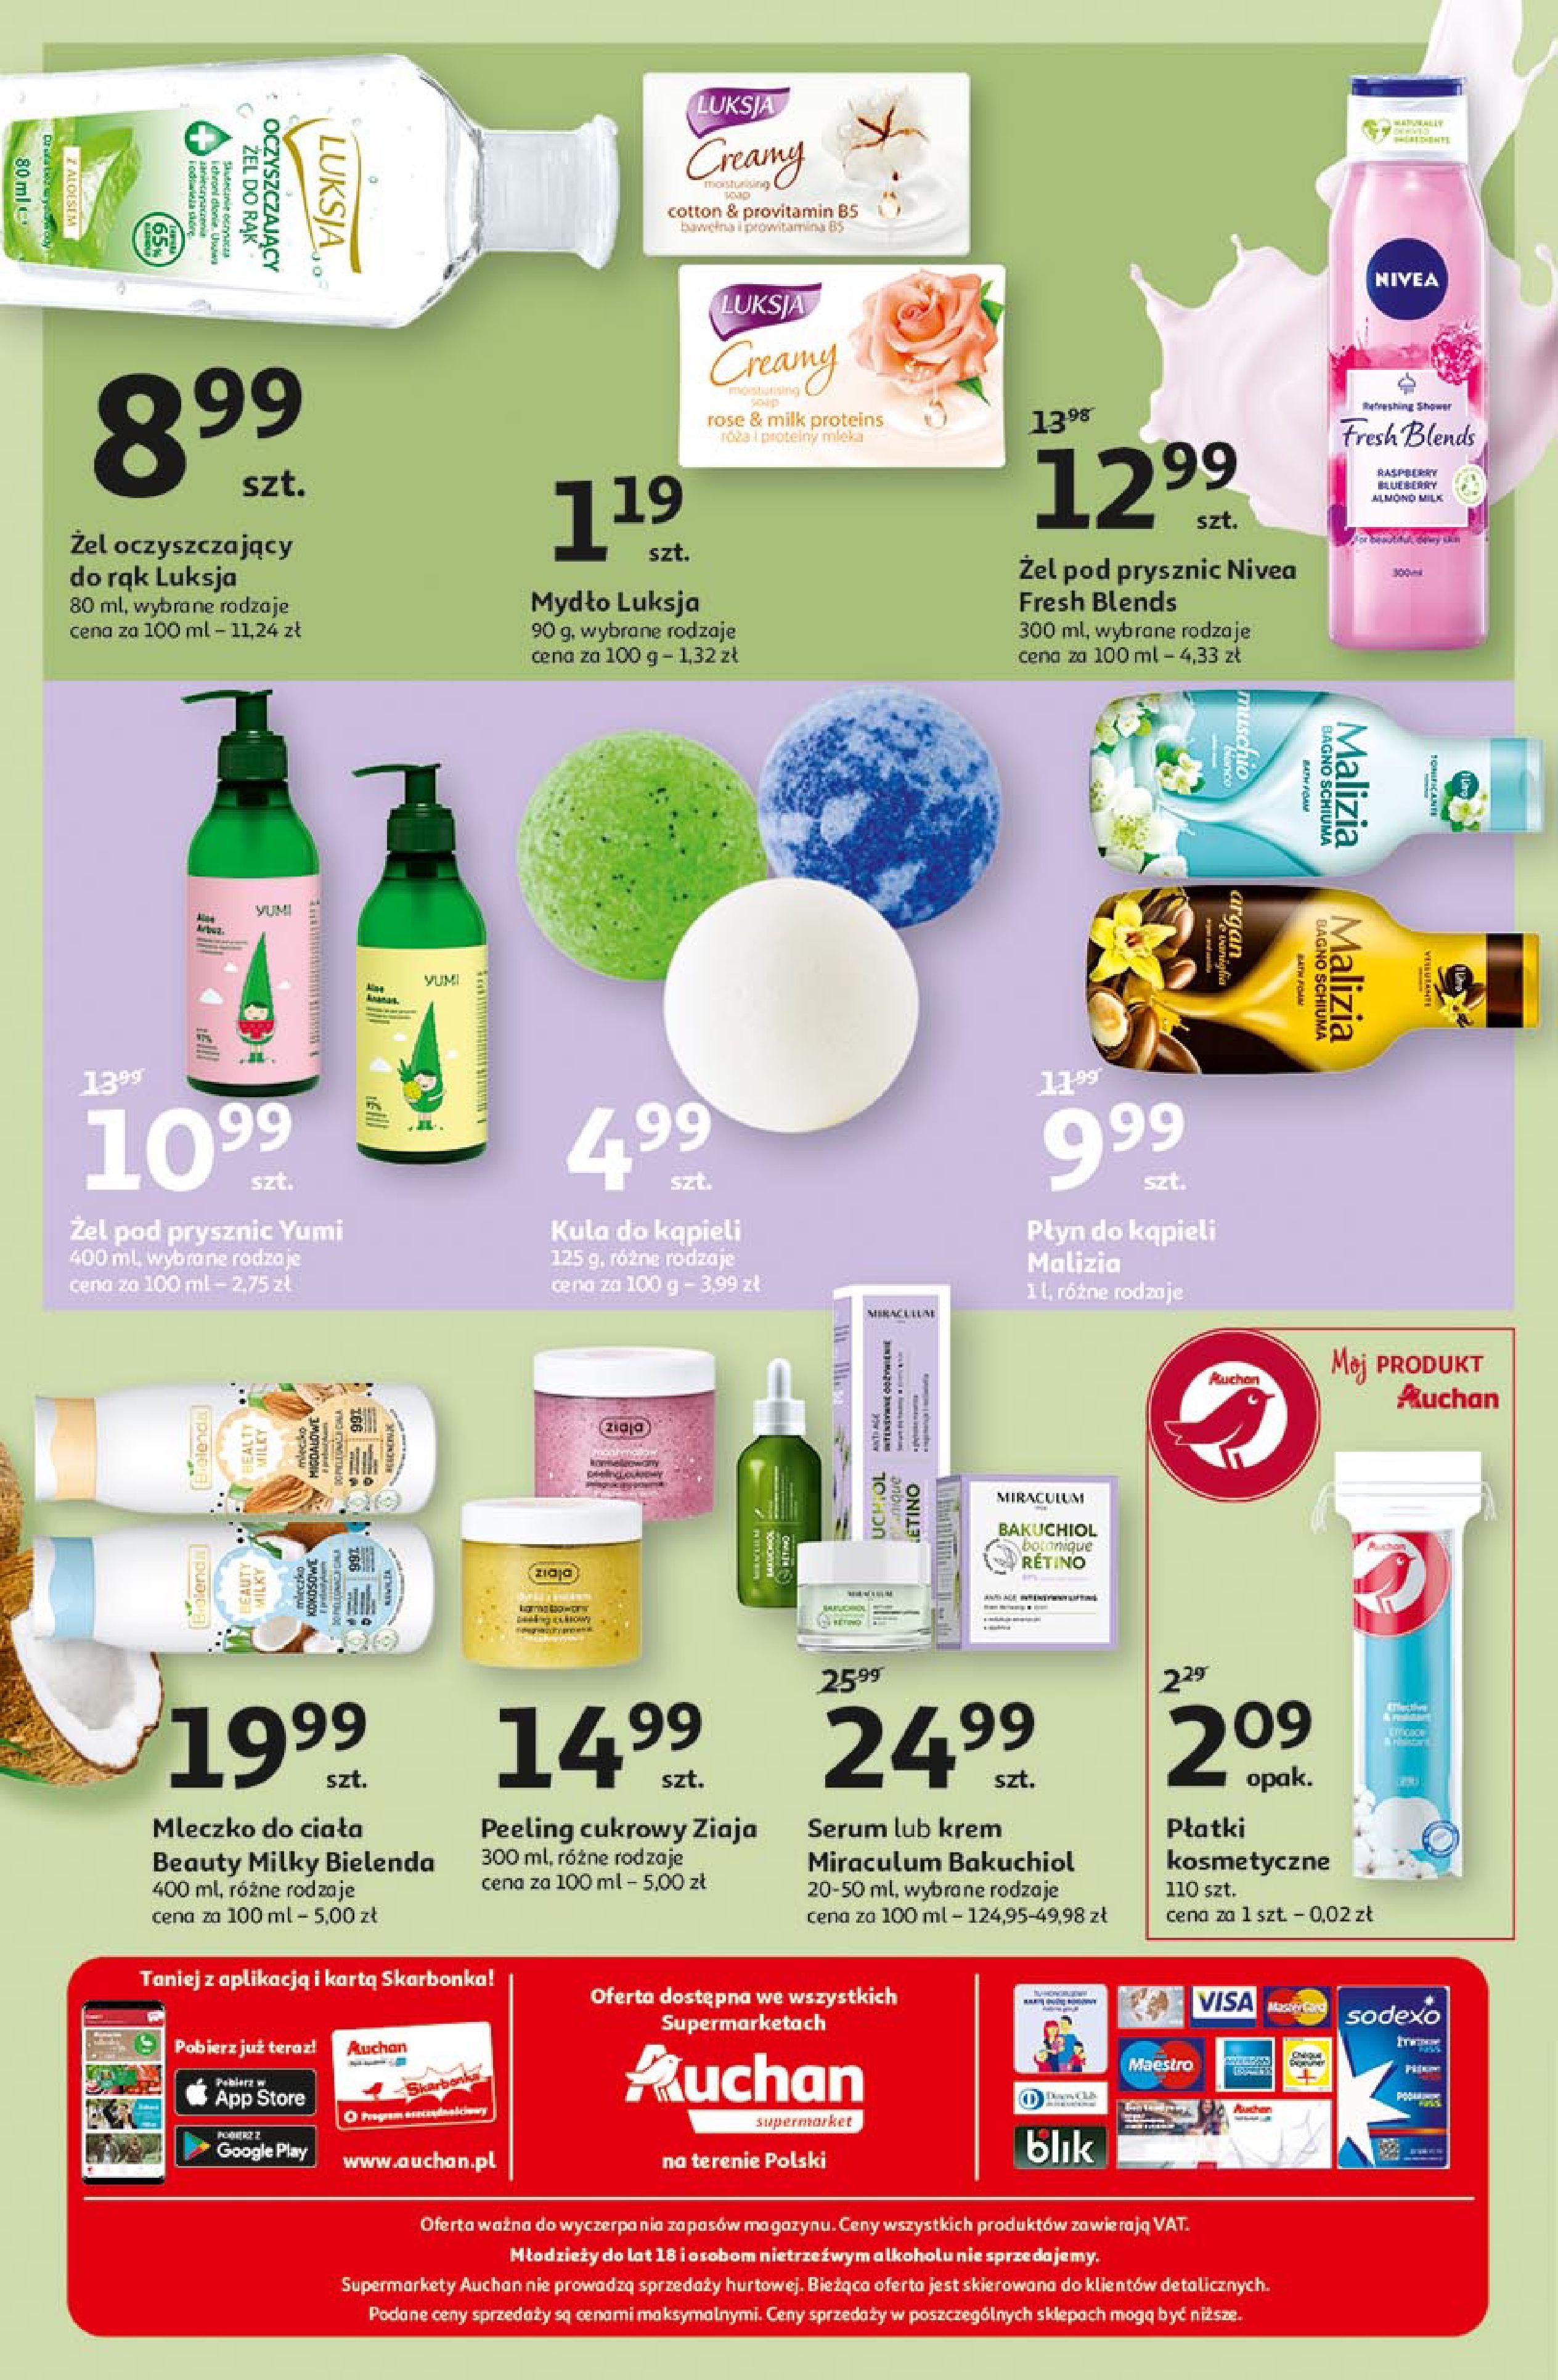 Gazetka Auchan: Uroda Supermarkety 2021-02-26 page-8